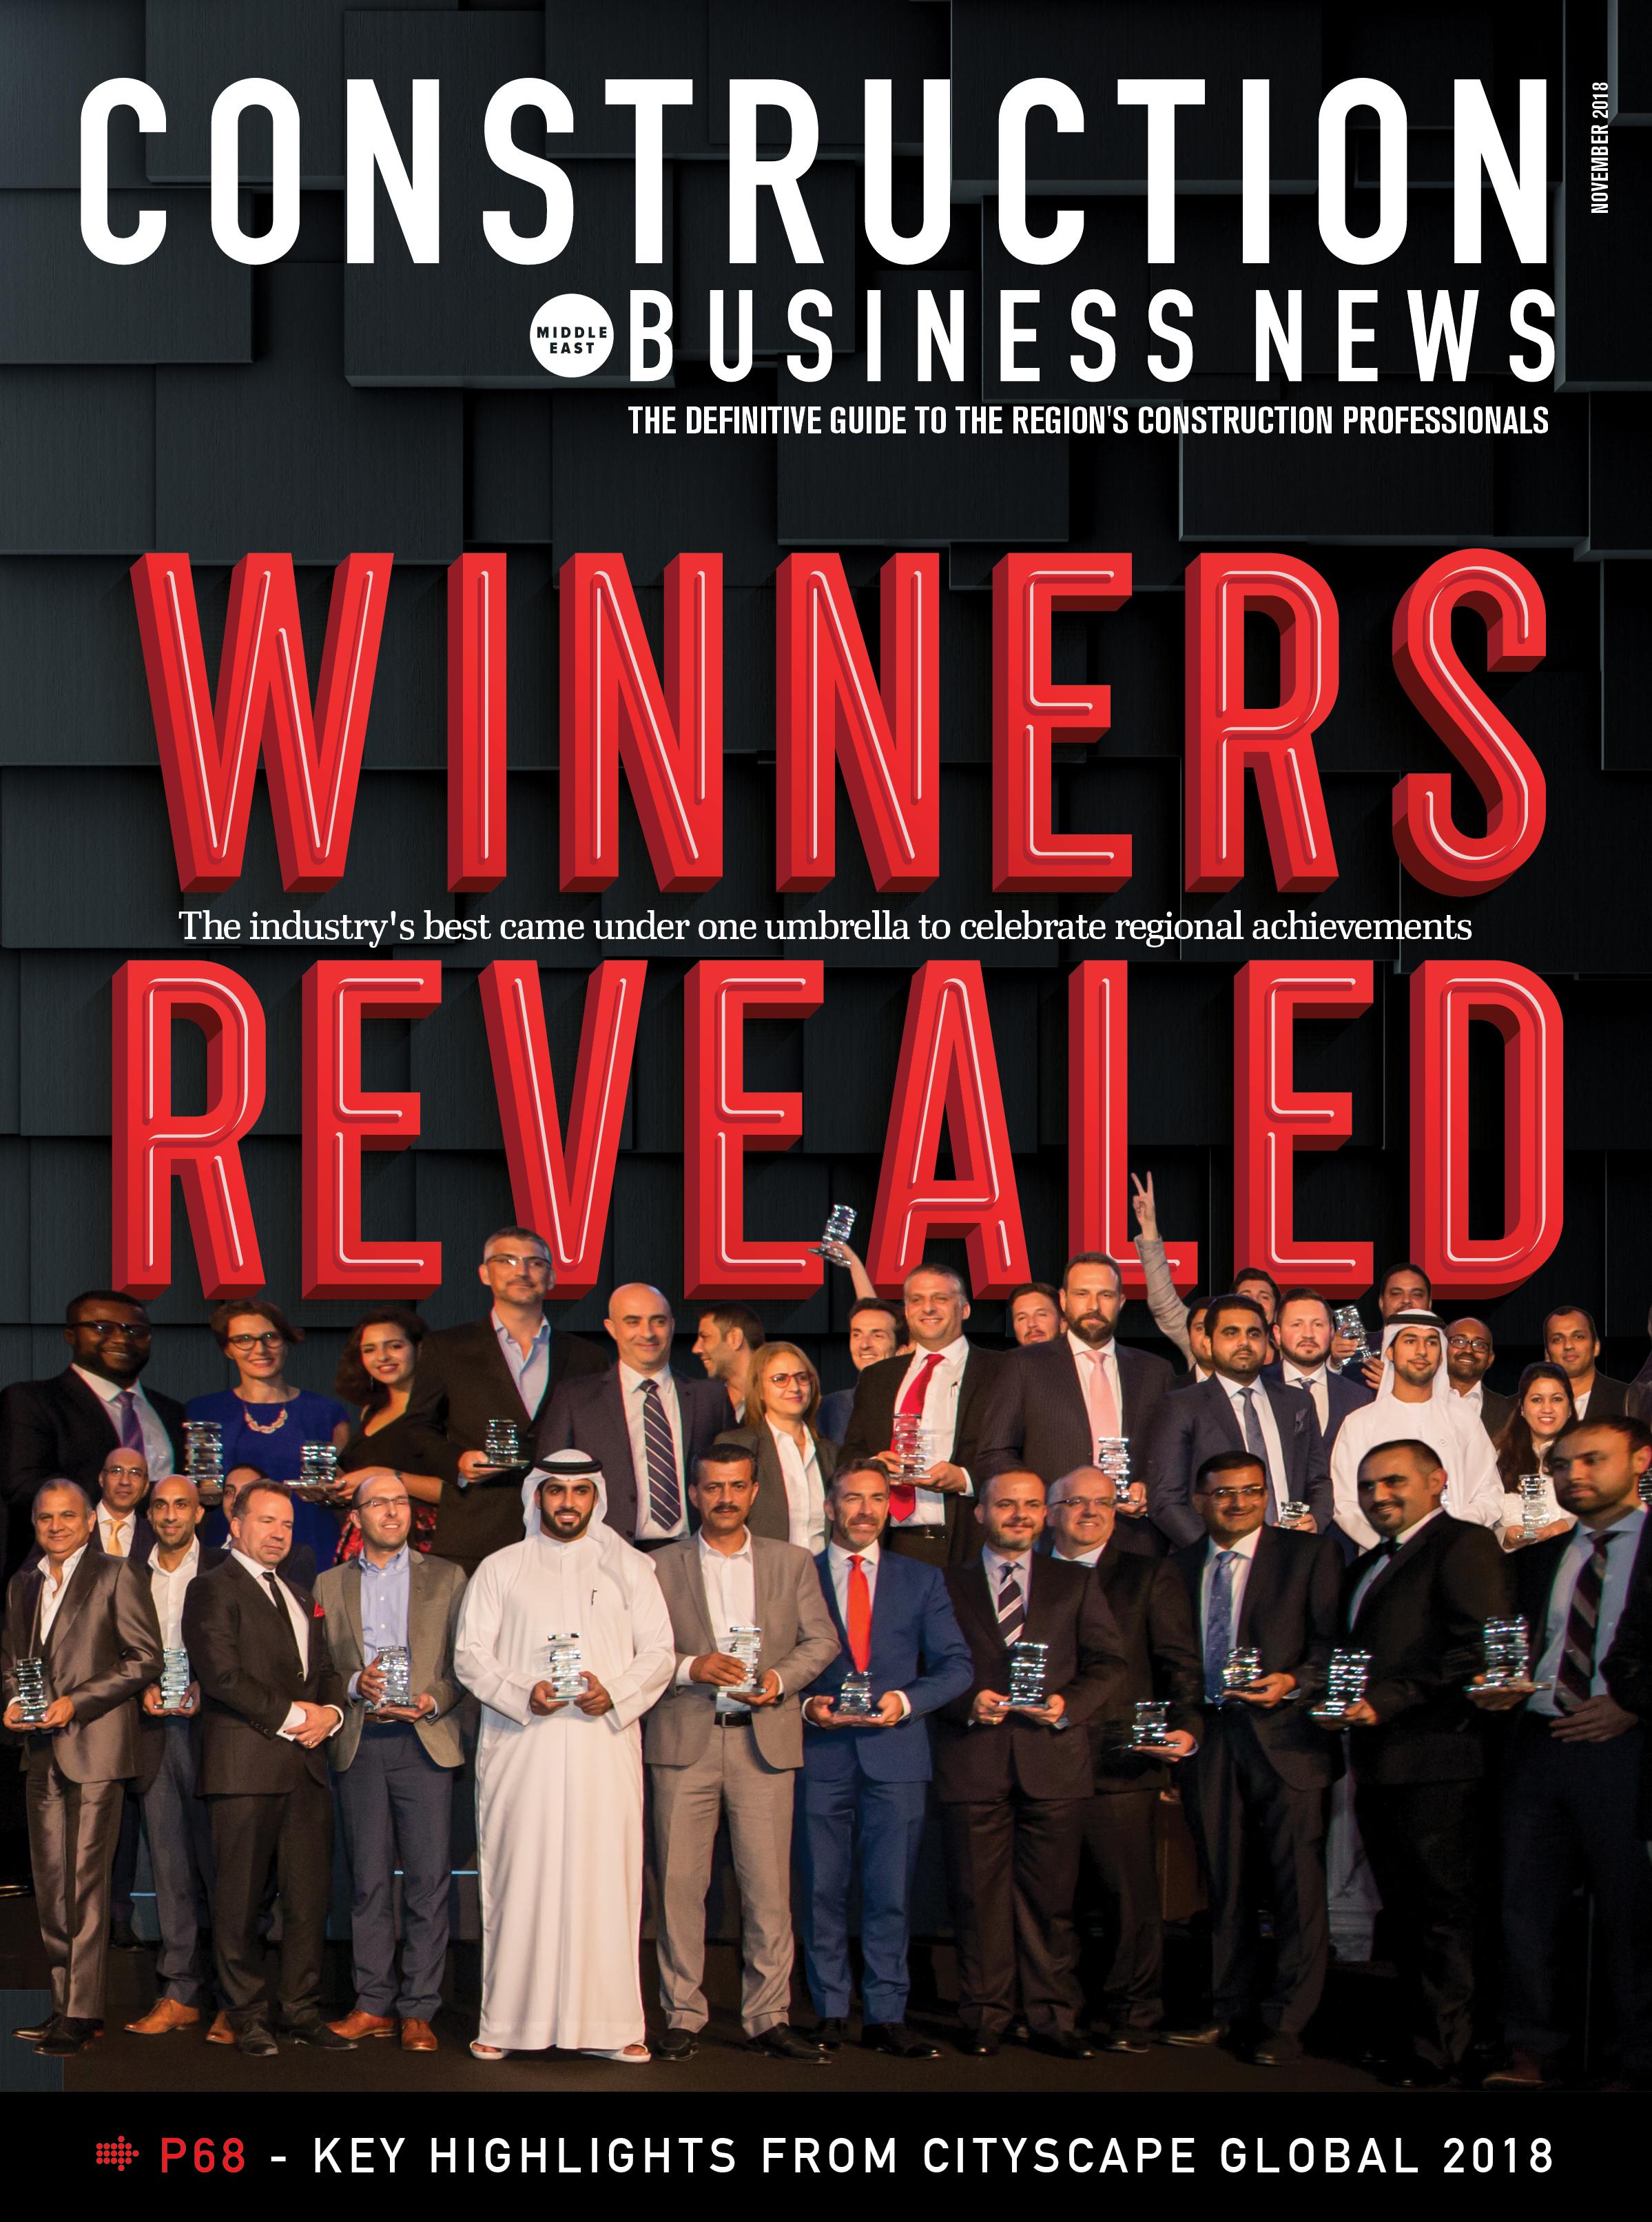 http://www.cbnme.com/magazines/construction-business-news-me-2018/